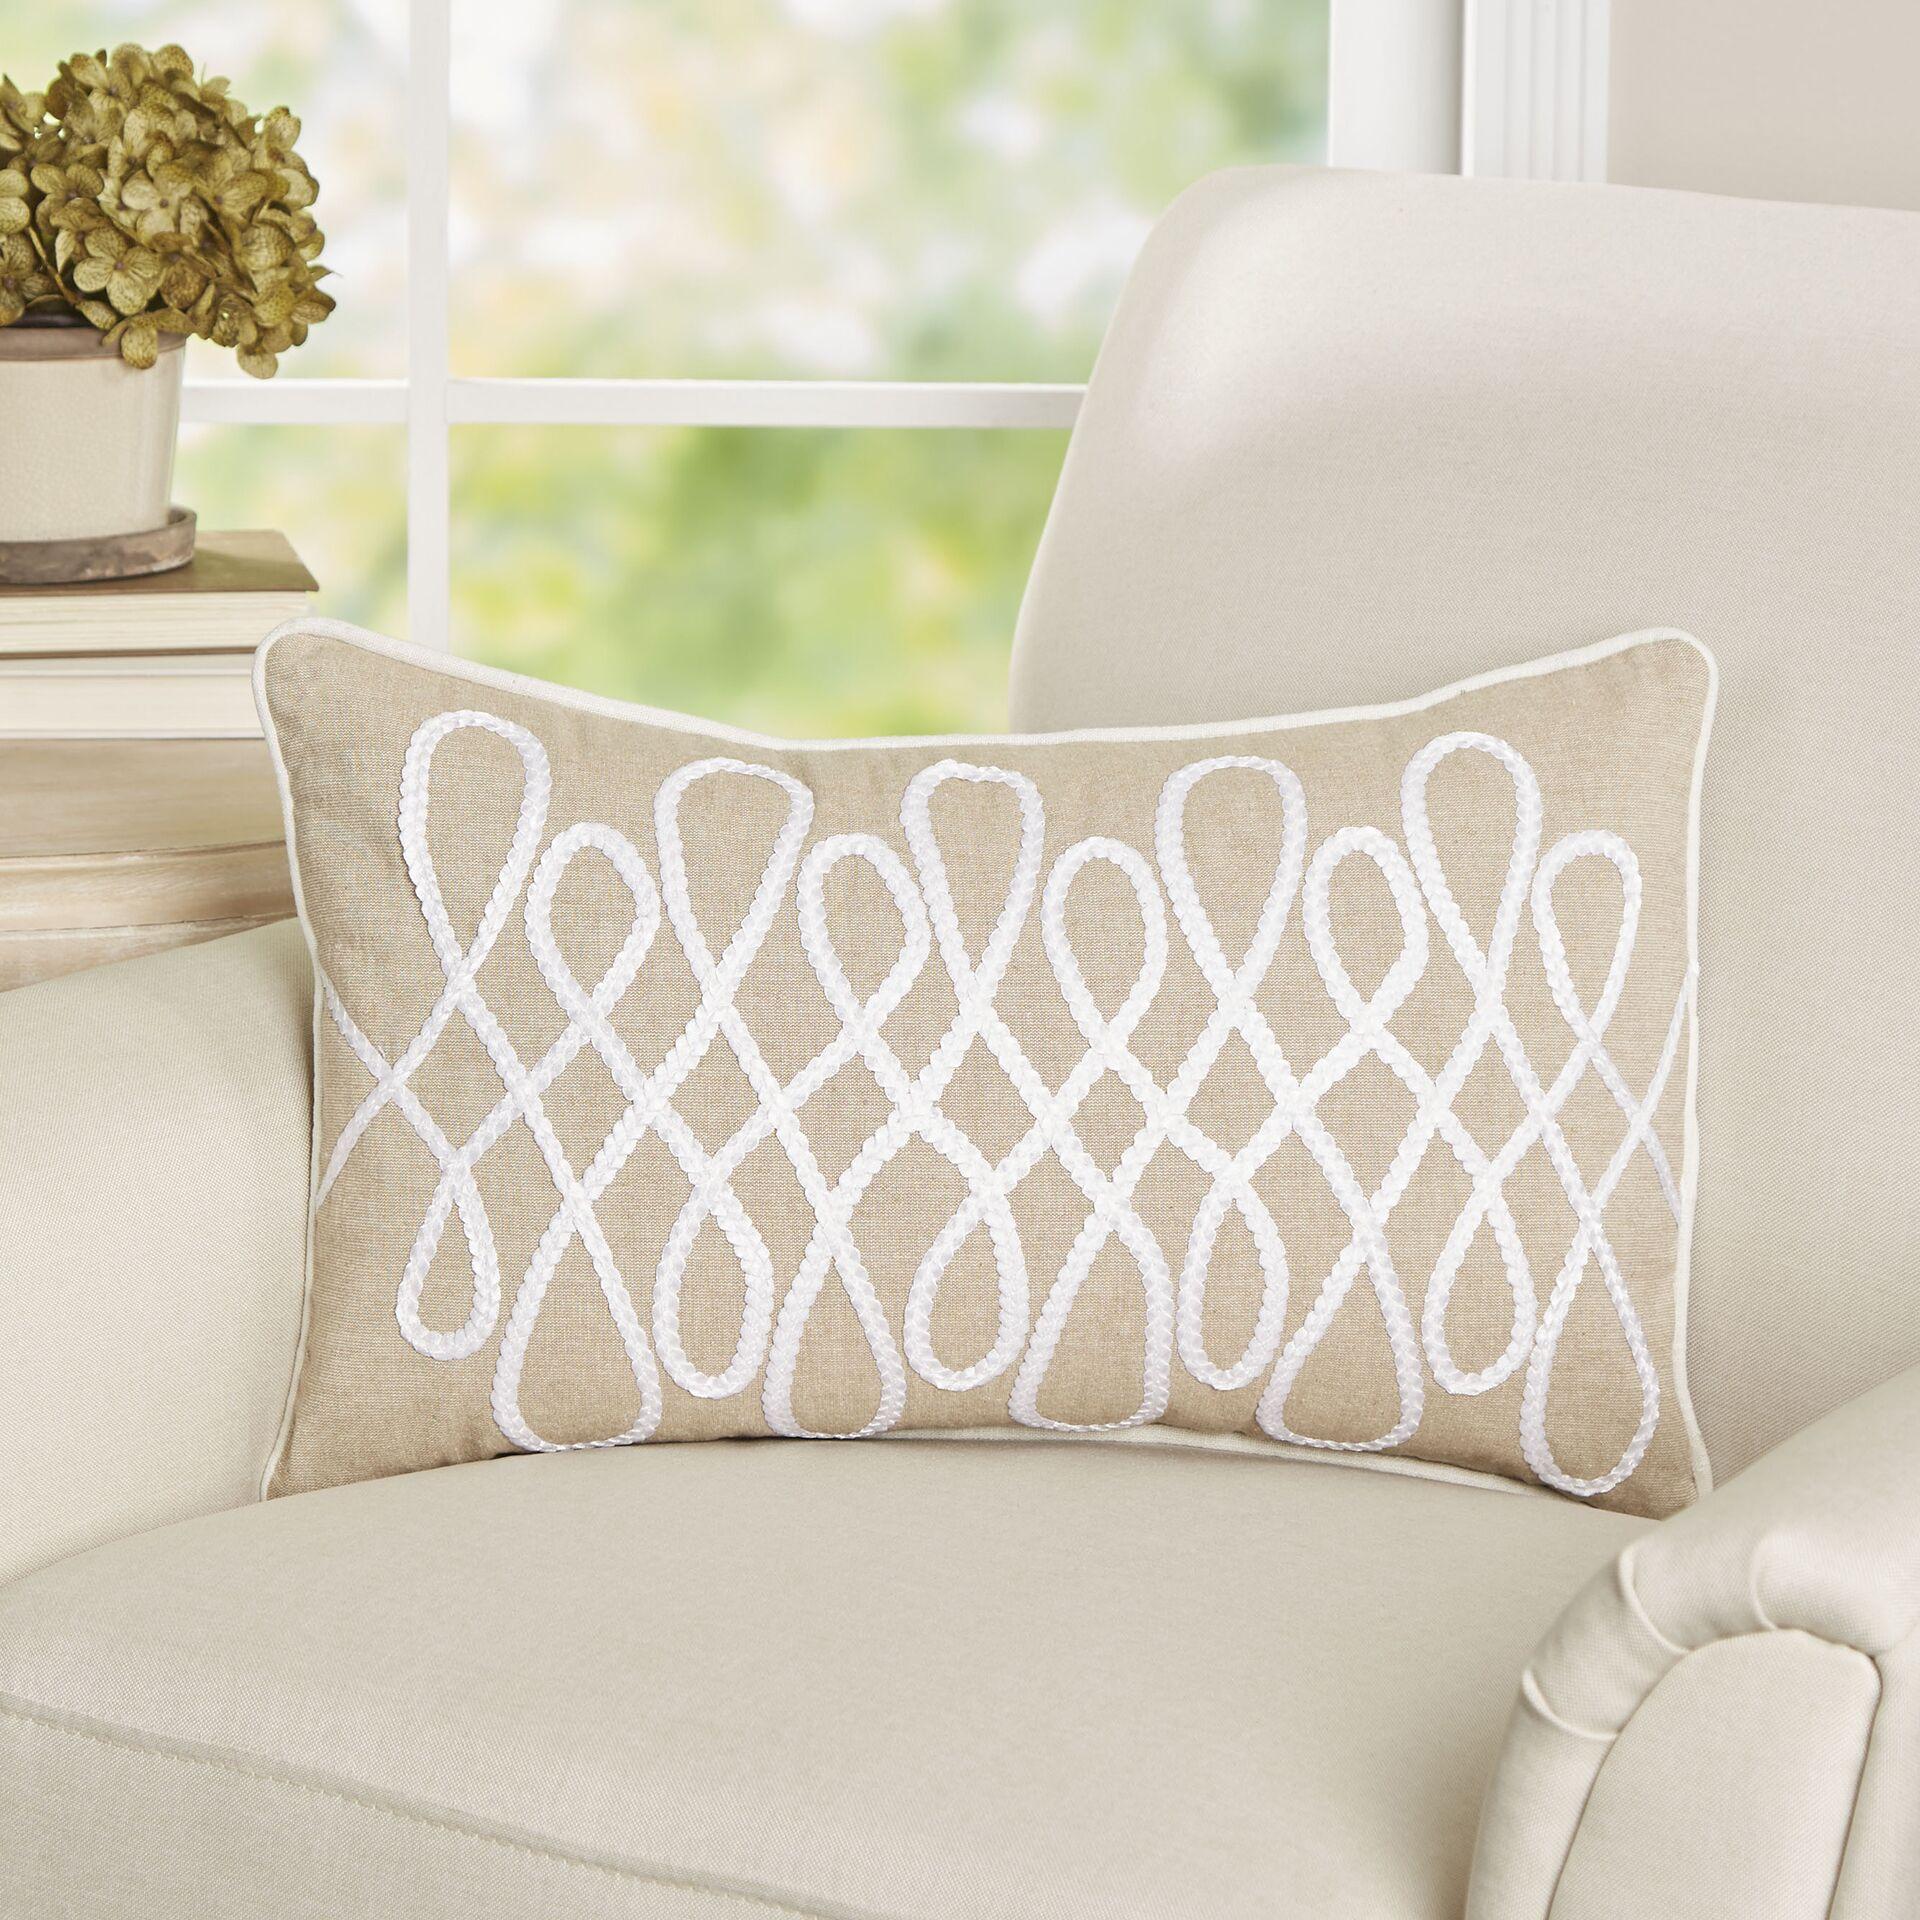 Sarcoline Lumbar Pillow